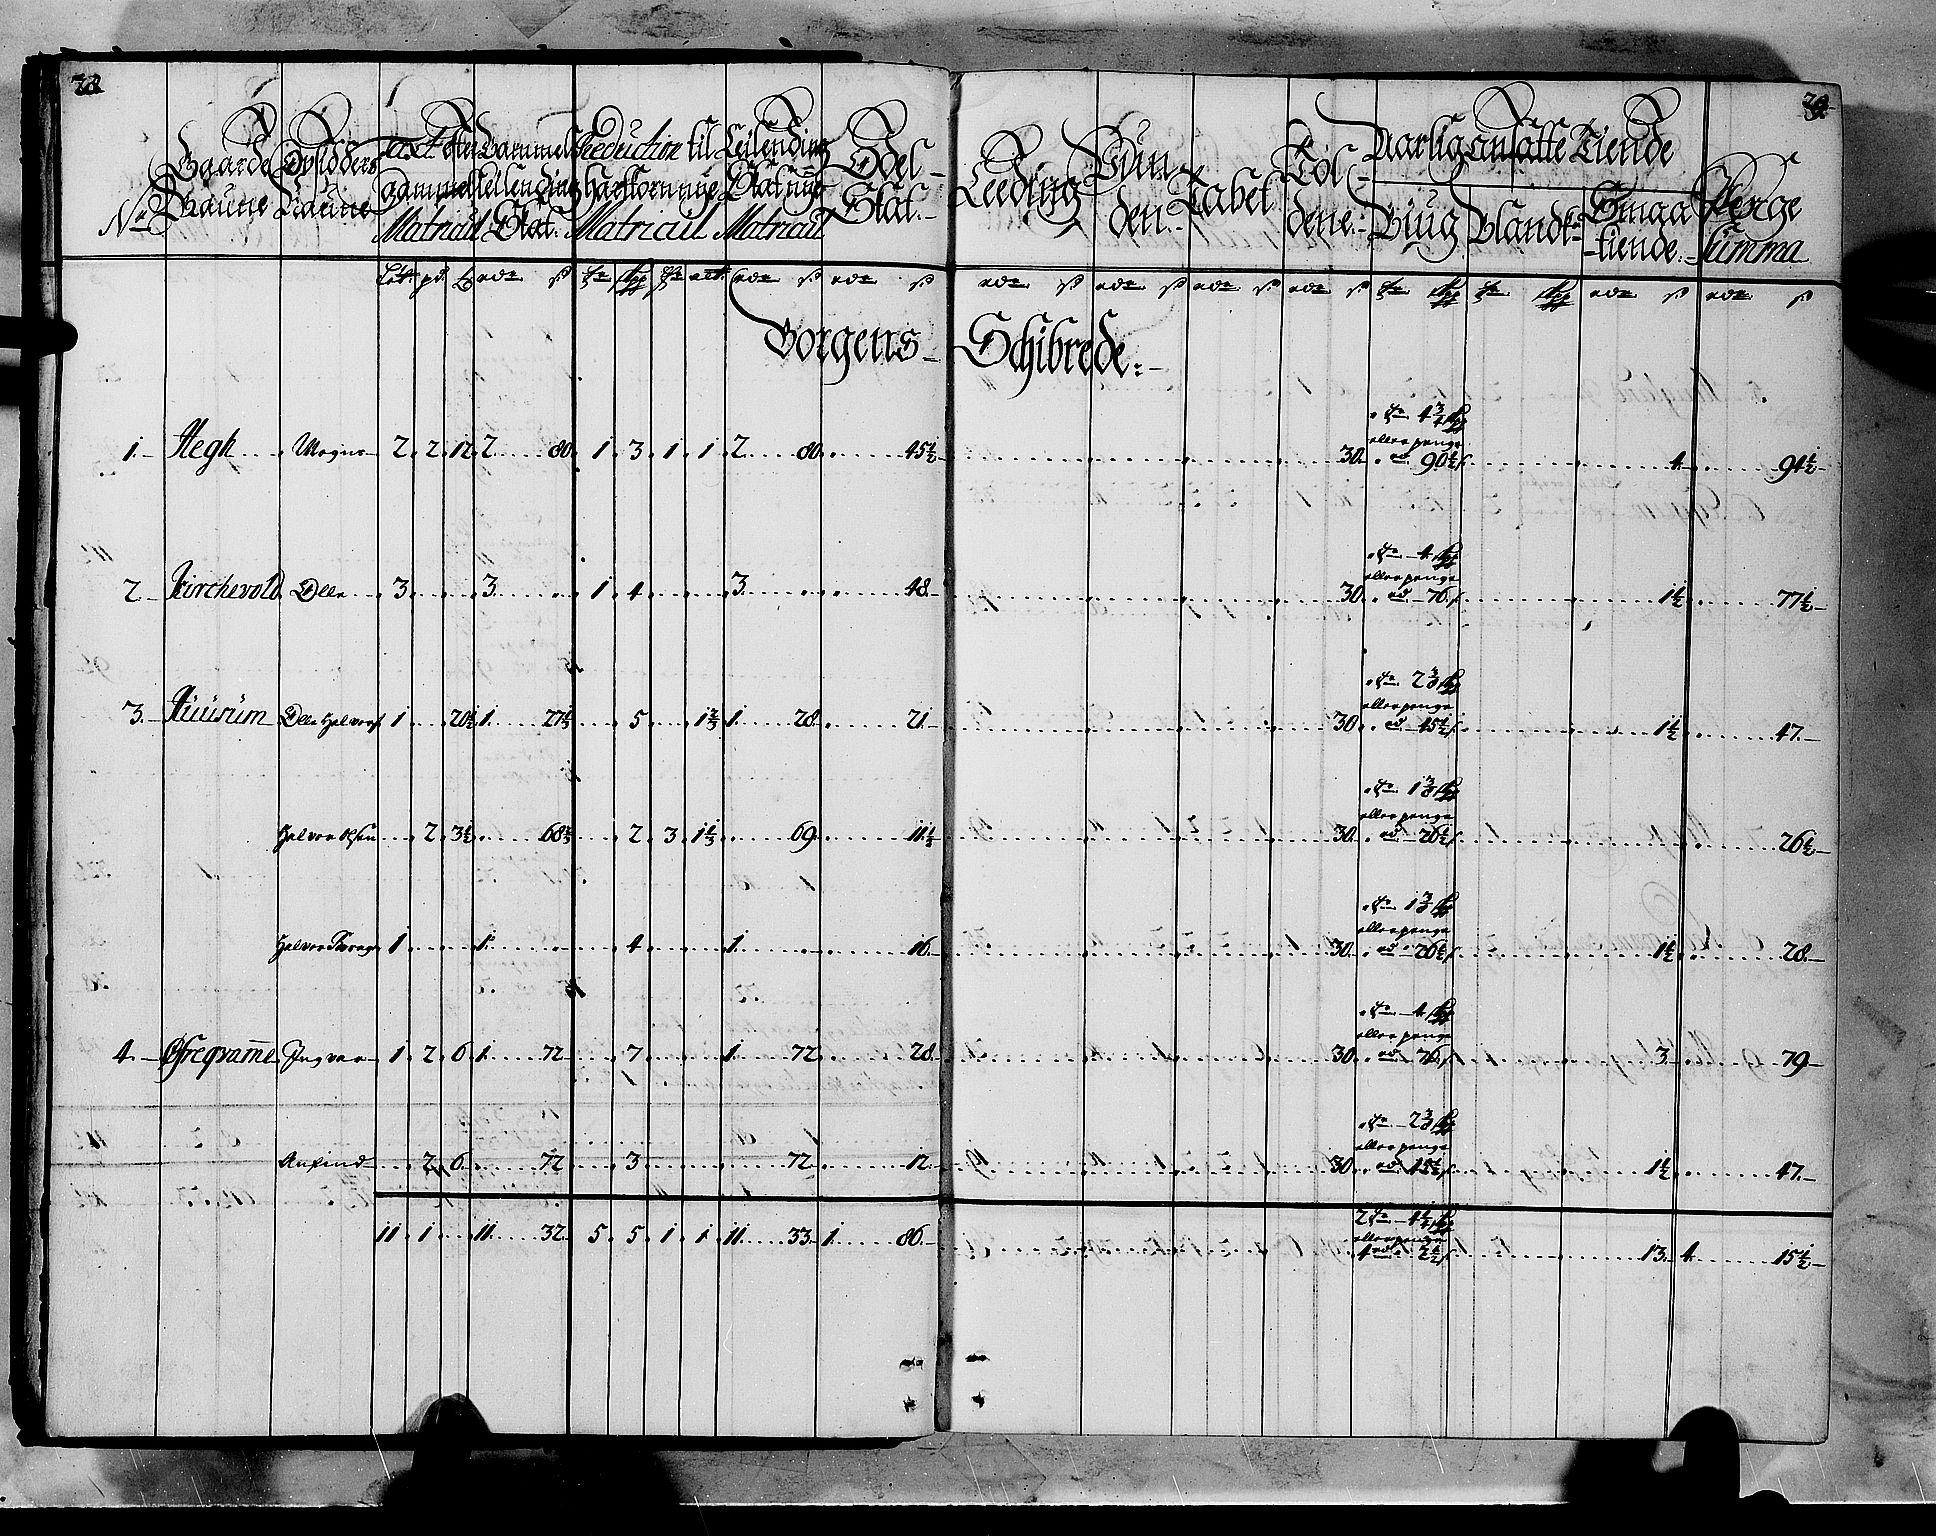 RA, Rentekammeret inntil 1814, Realistisk ordnet avdeling, N/Nb/Nbf/L0144: Indre Sogn matrikkelprotokoll, 1723, s. 28-29